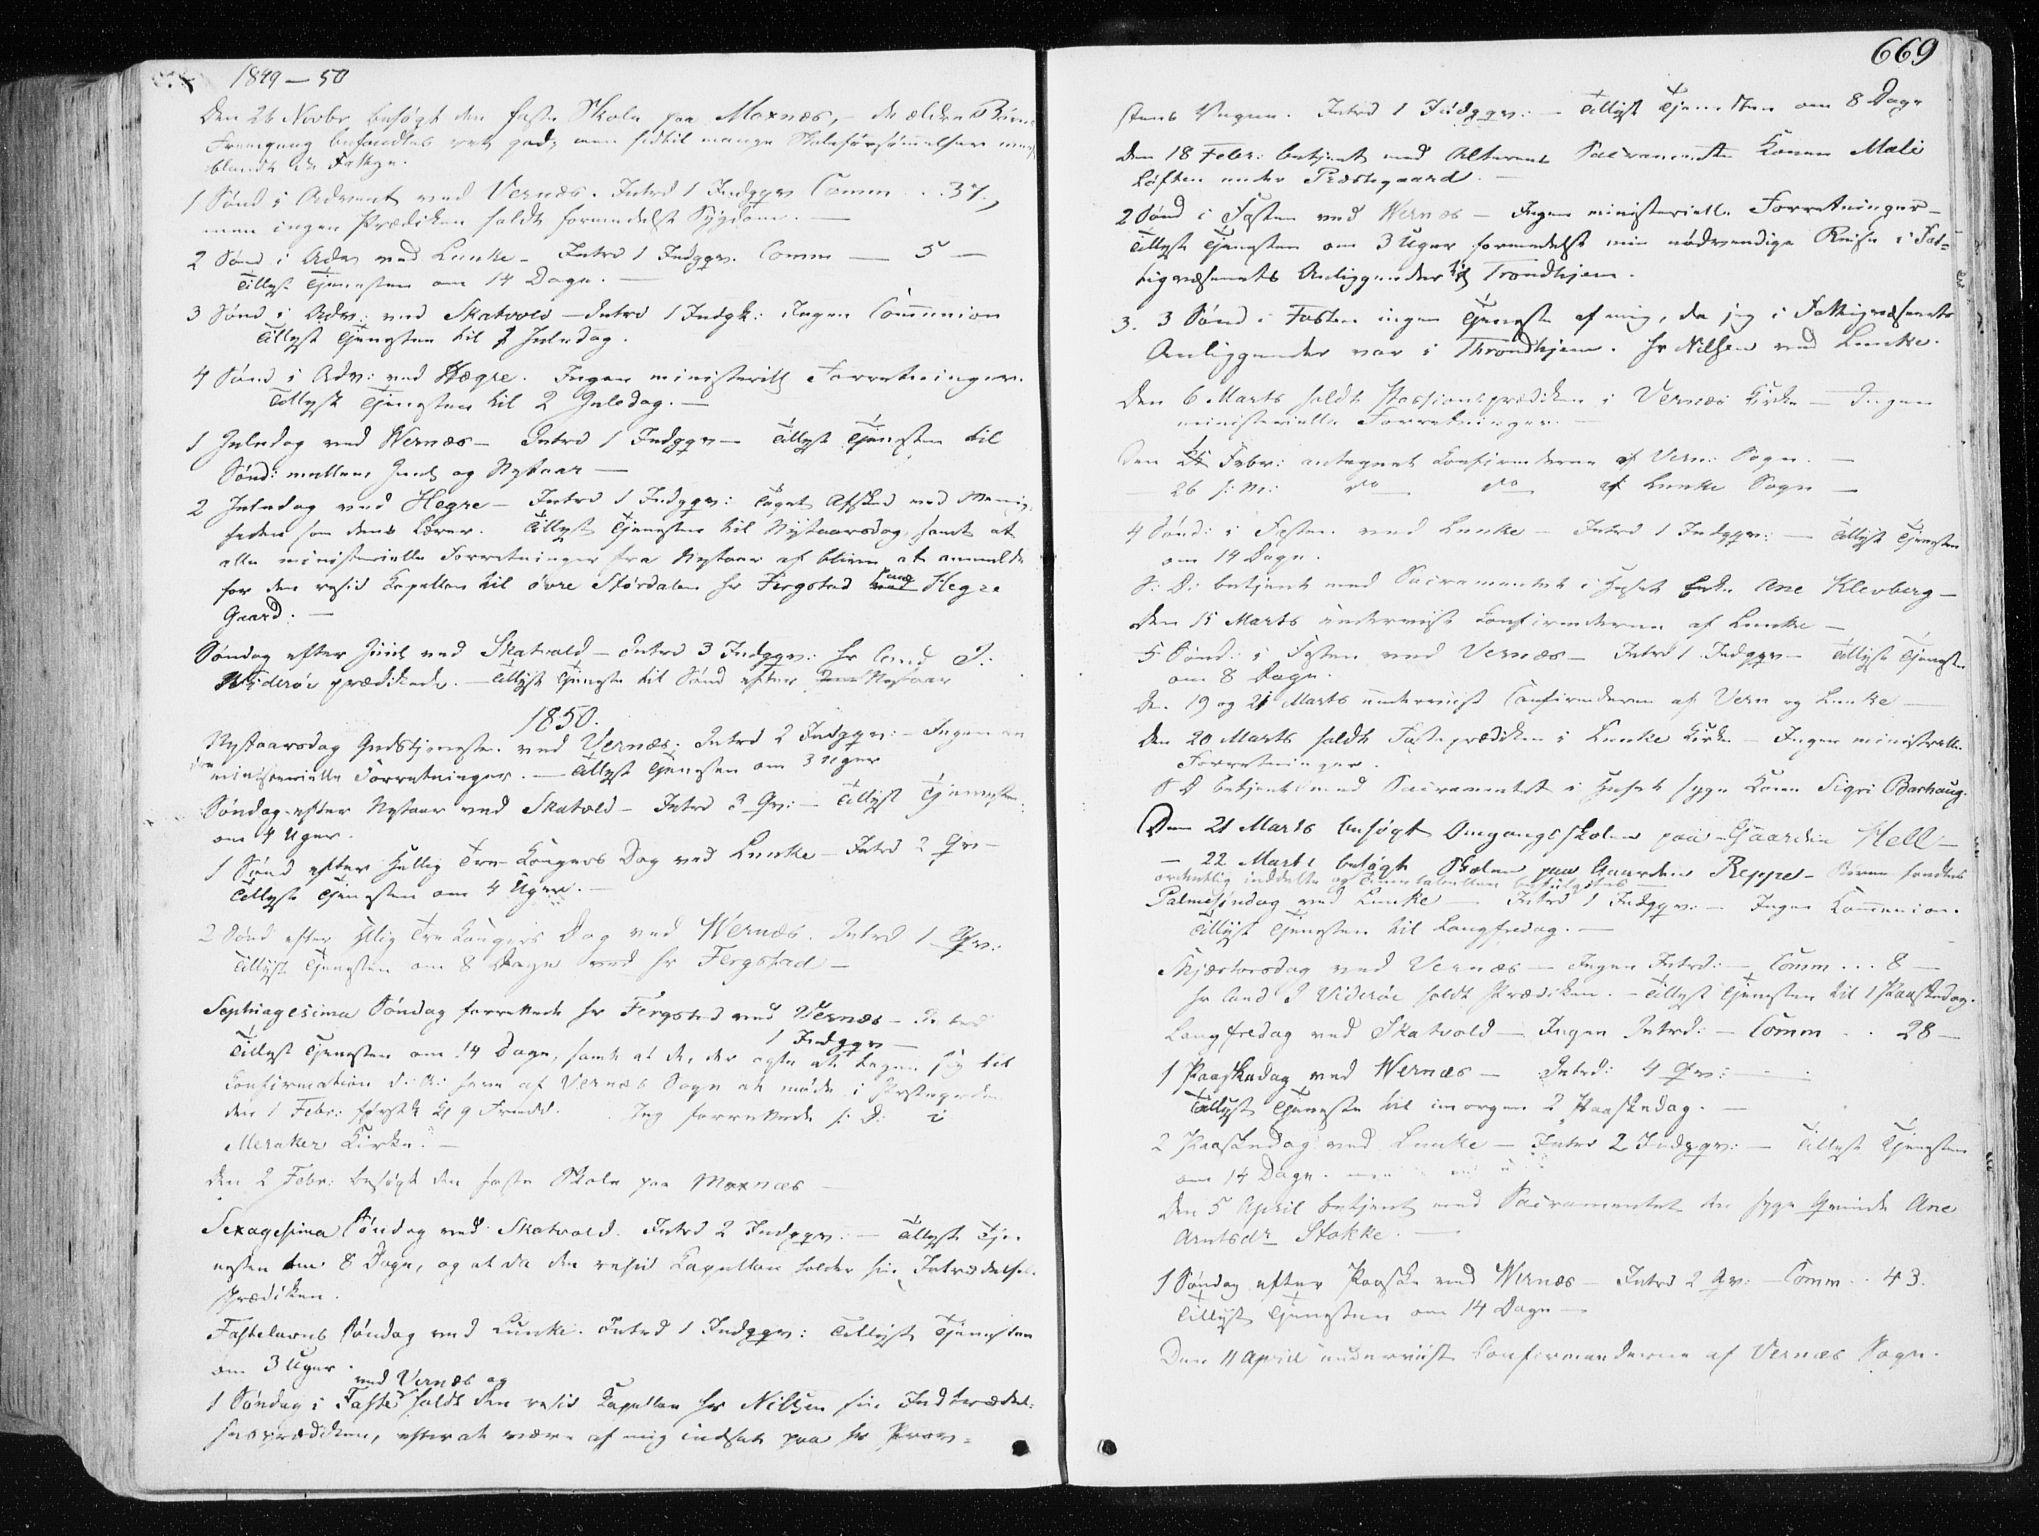 SAT, Ministerialprotokoller, klokkerbøker og fødselsregistre - Nord-Trøndelag, 709/L0074: Ministerialbok nr. 709A14, 1845-1858, s. 669